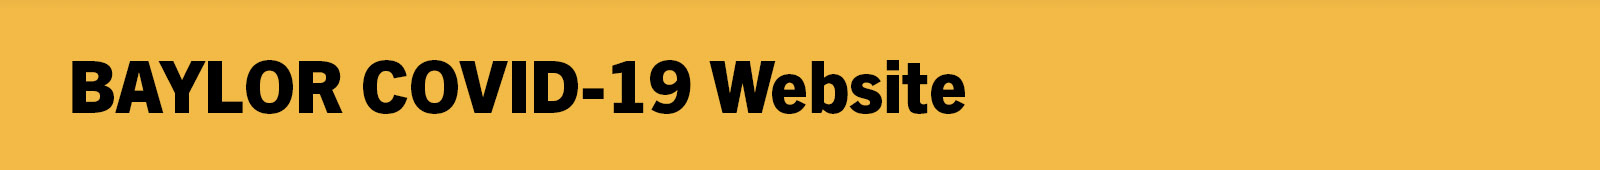 Main Baylor Website Header